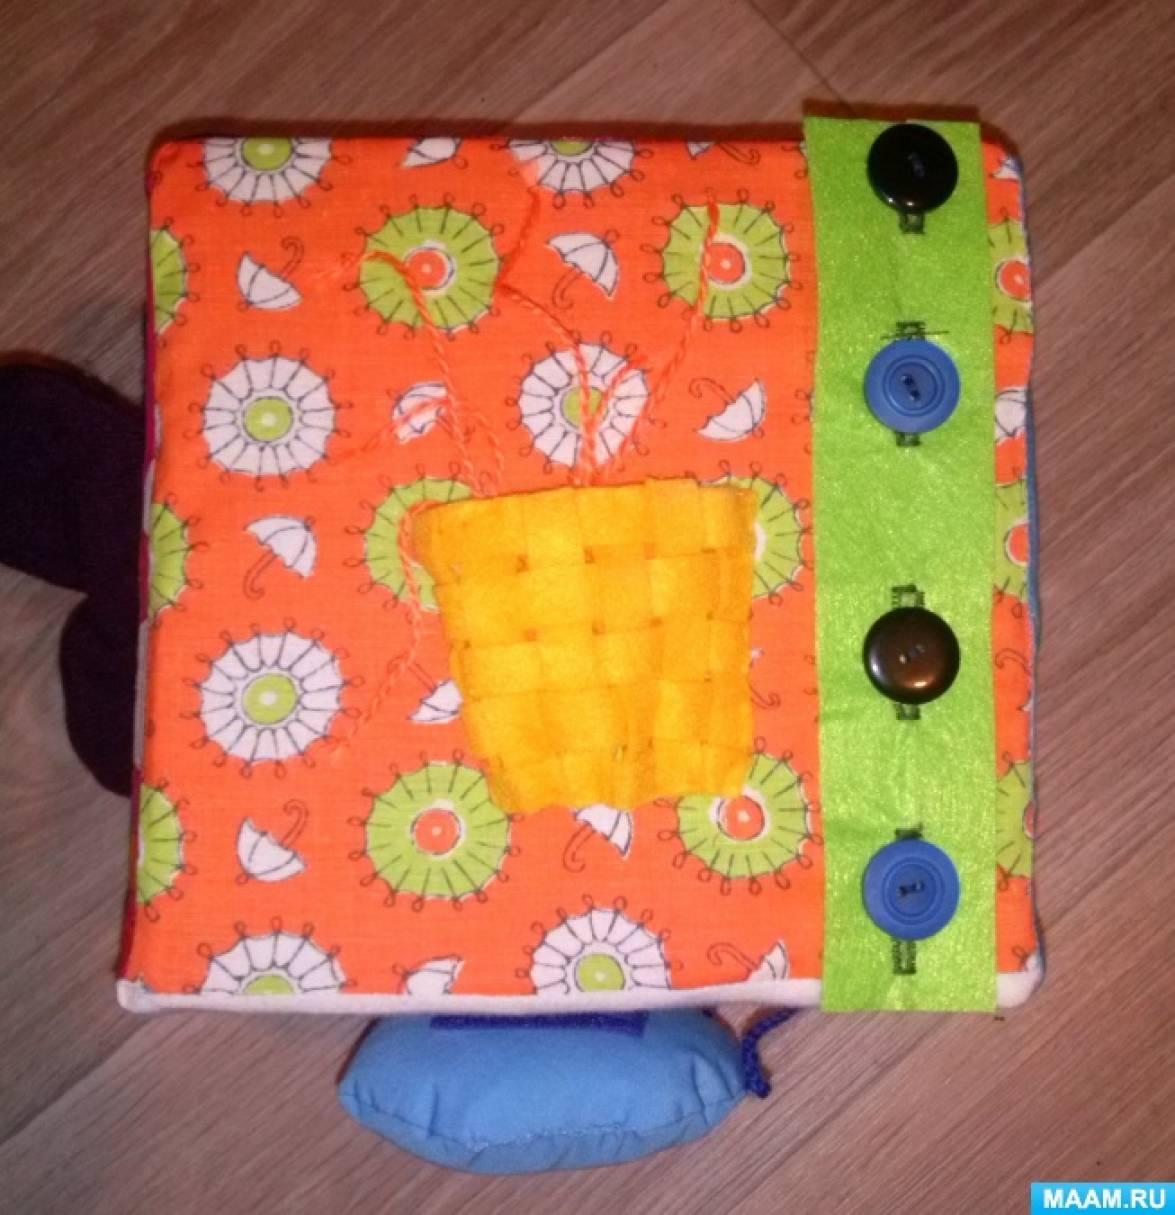 Сенсорный кубик своими руками 28